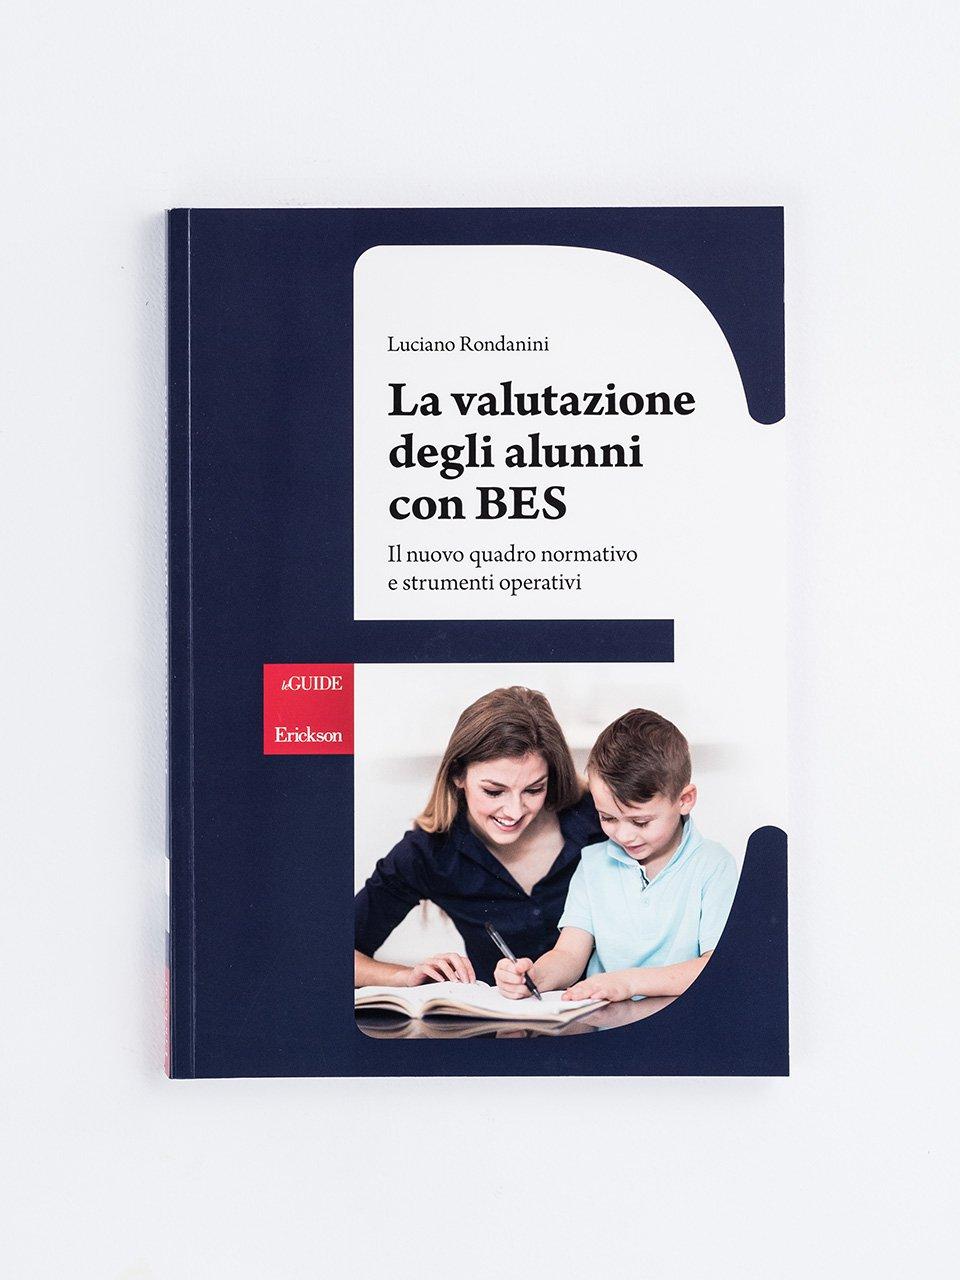 La valutazione degli alunni con BES - Luciano Rondanini - Erickson